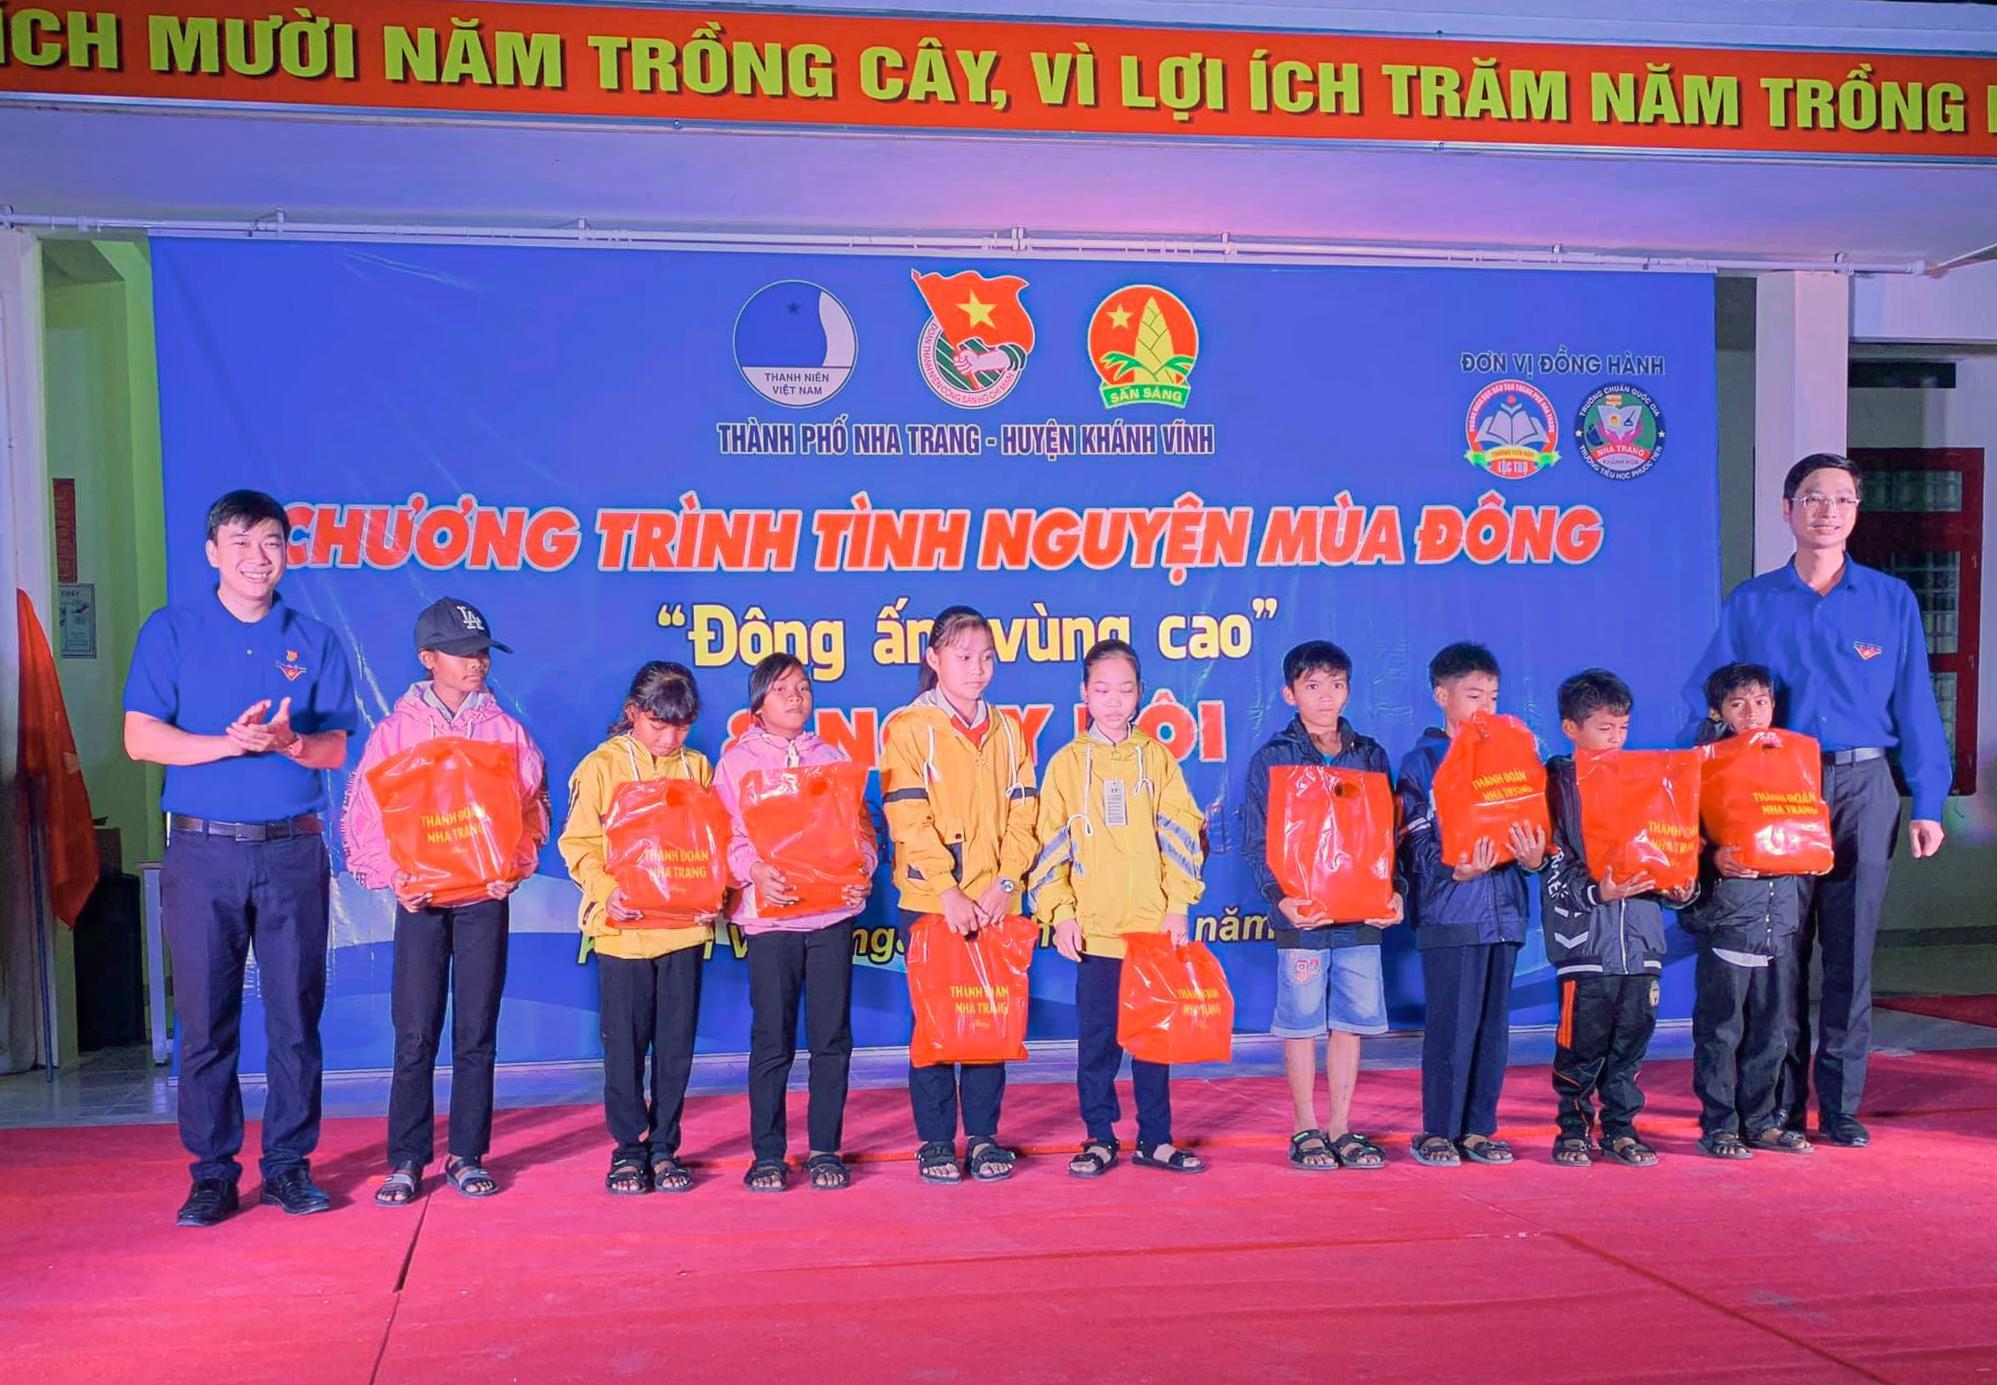 Tổ chức chương trình Tình nguyện mùa Đông tại huyện Khánh Vĩnh Ảnh 1